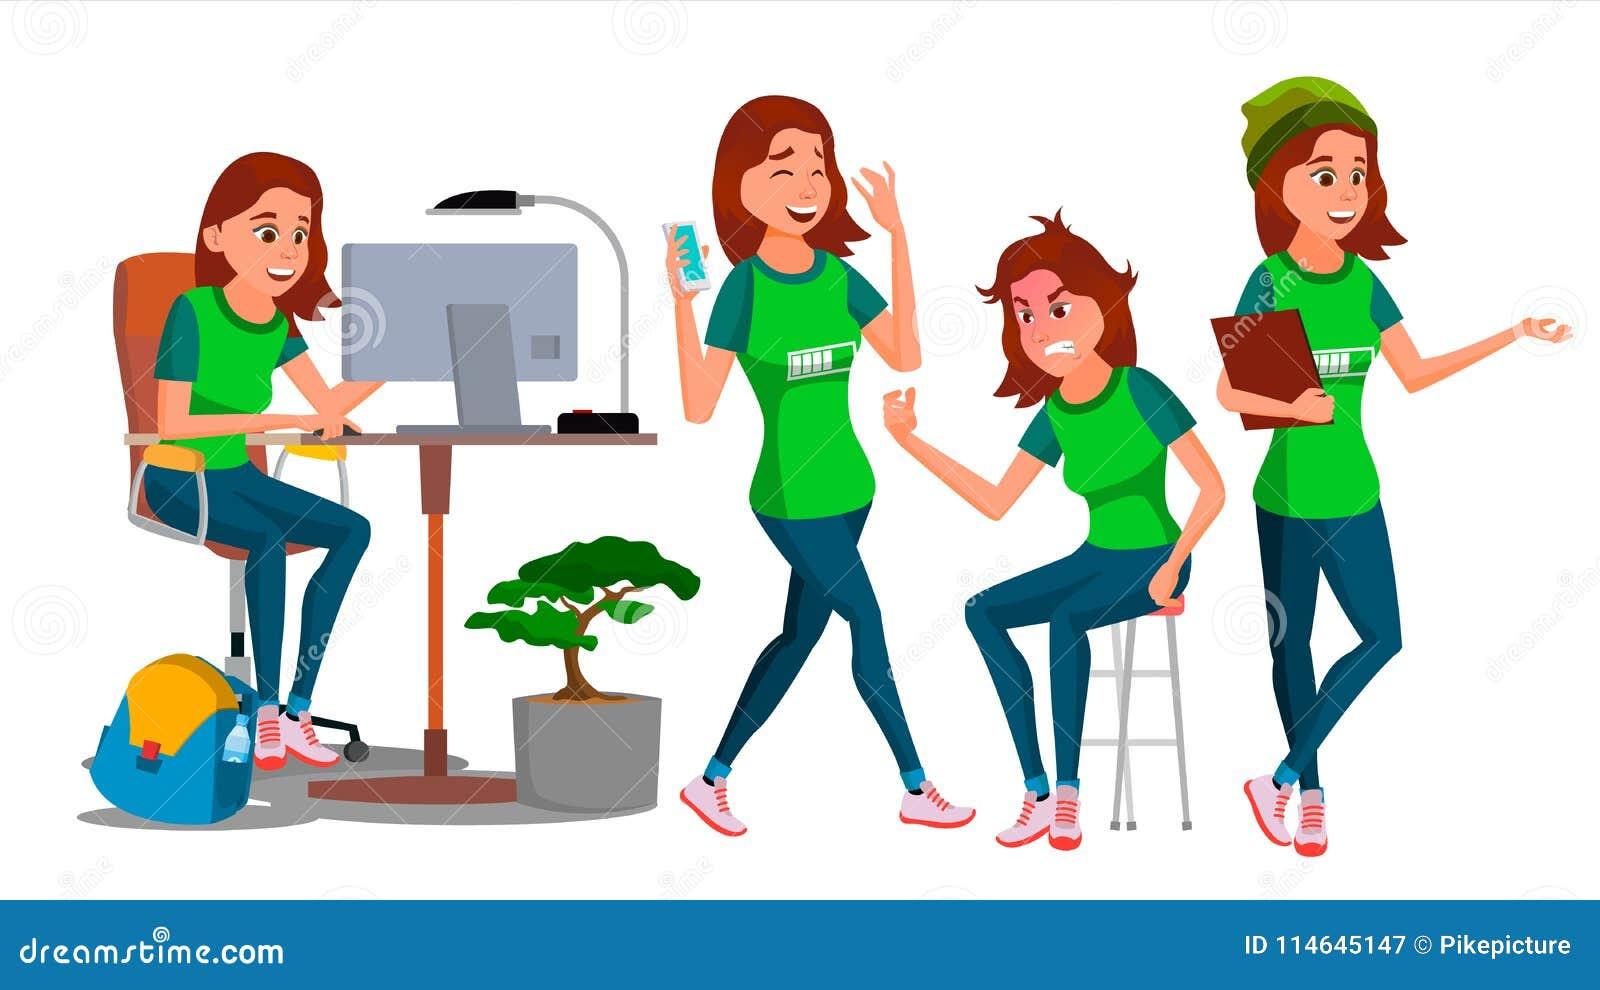 Environment teen clothes